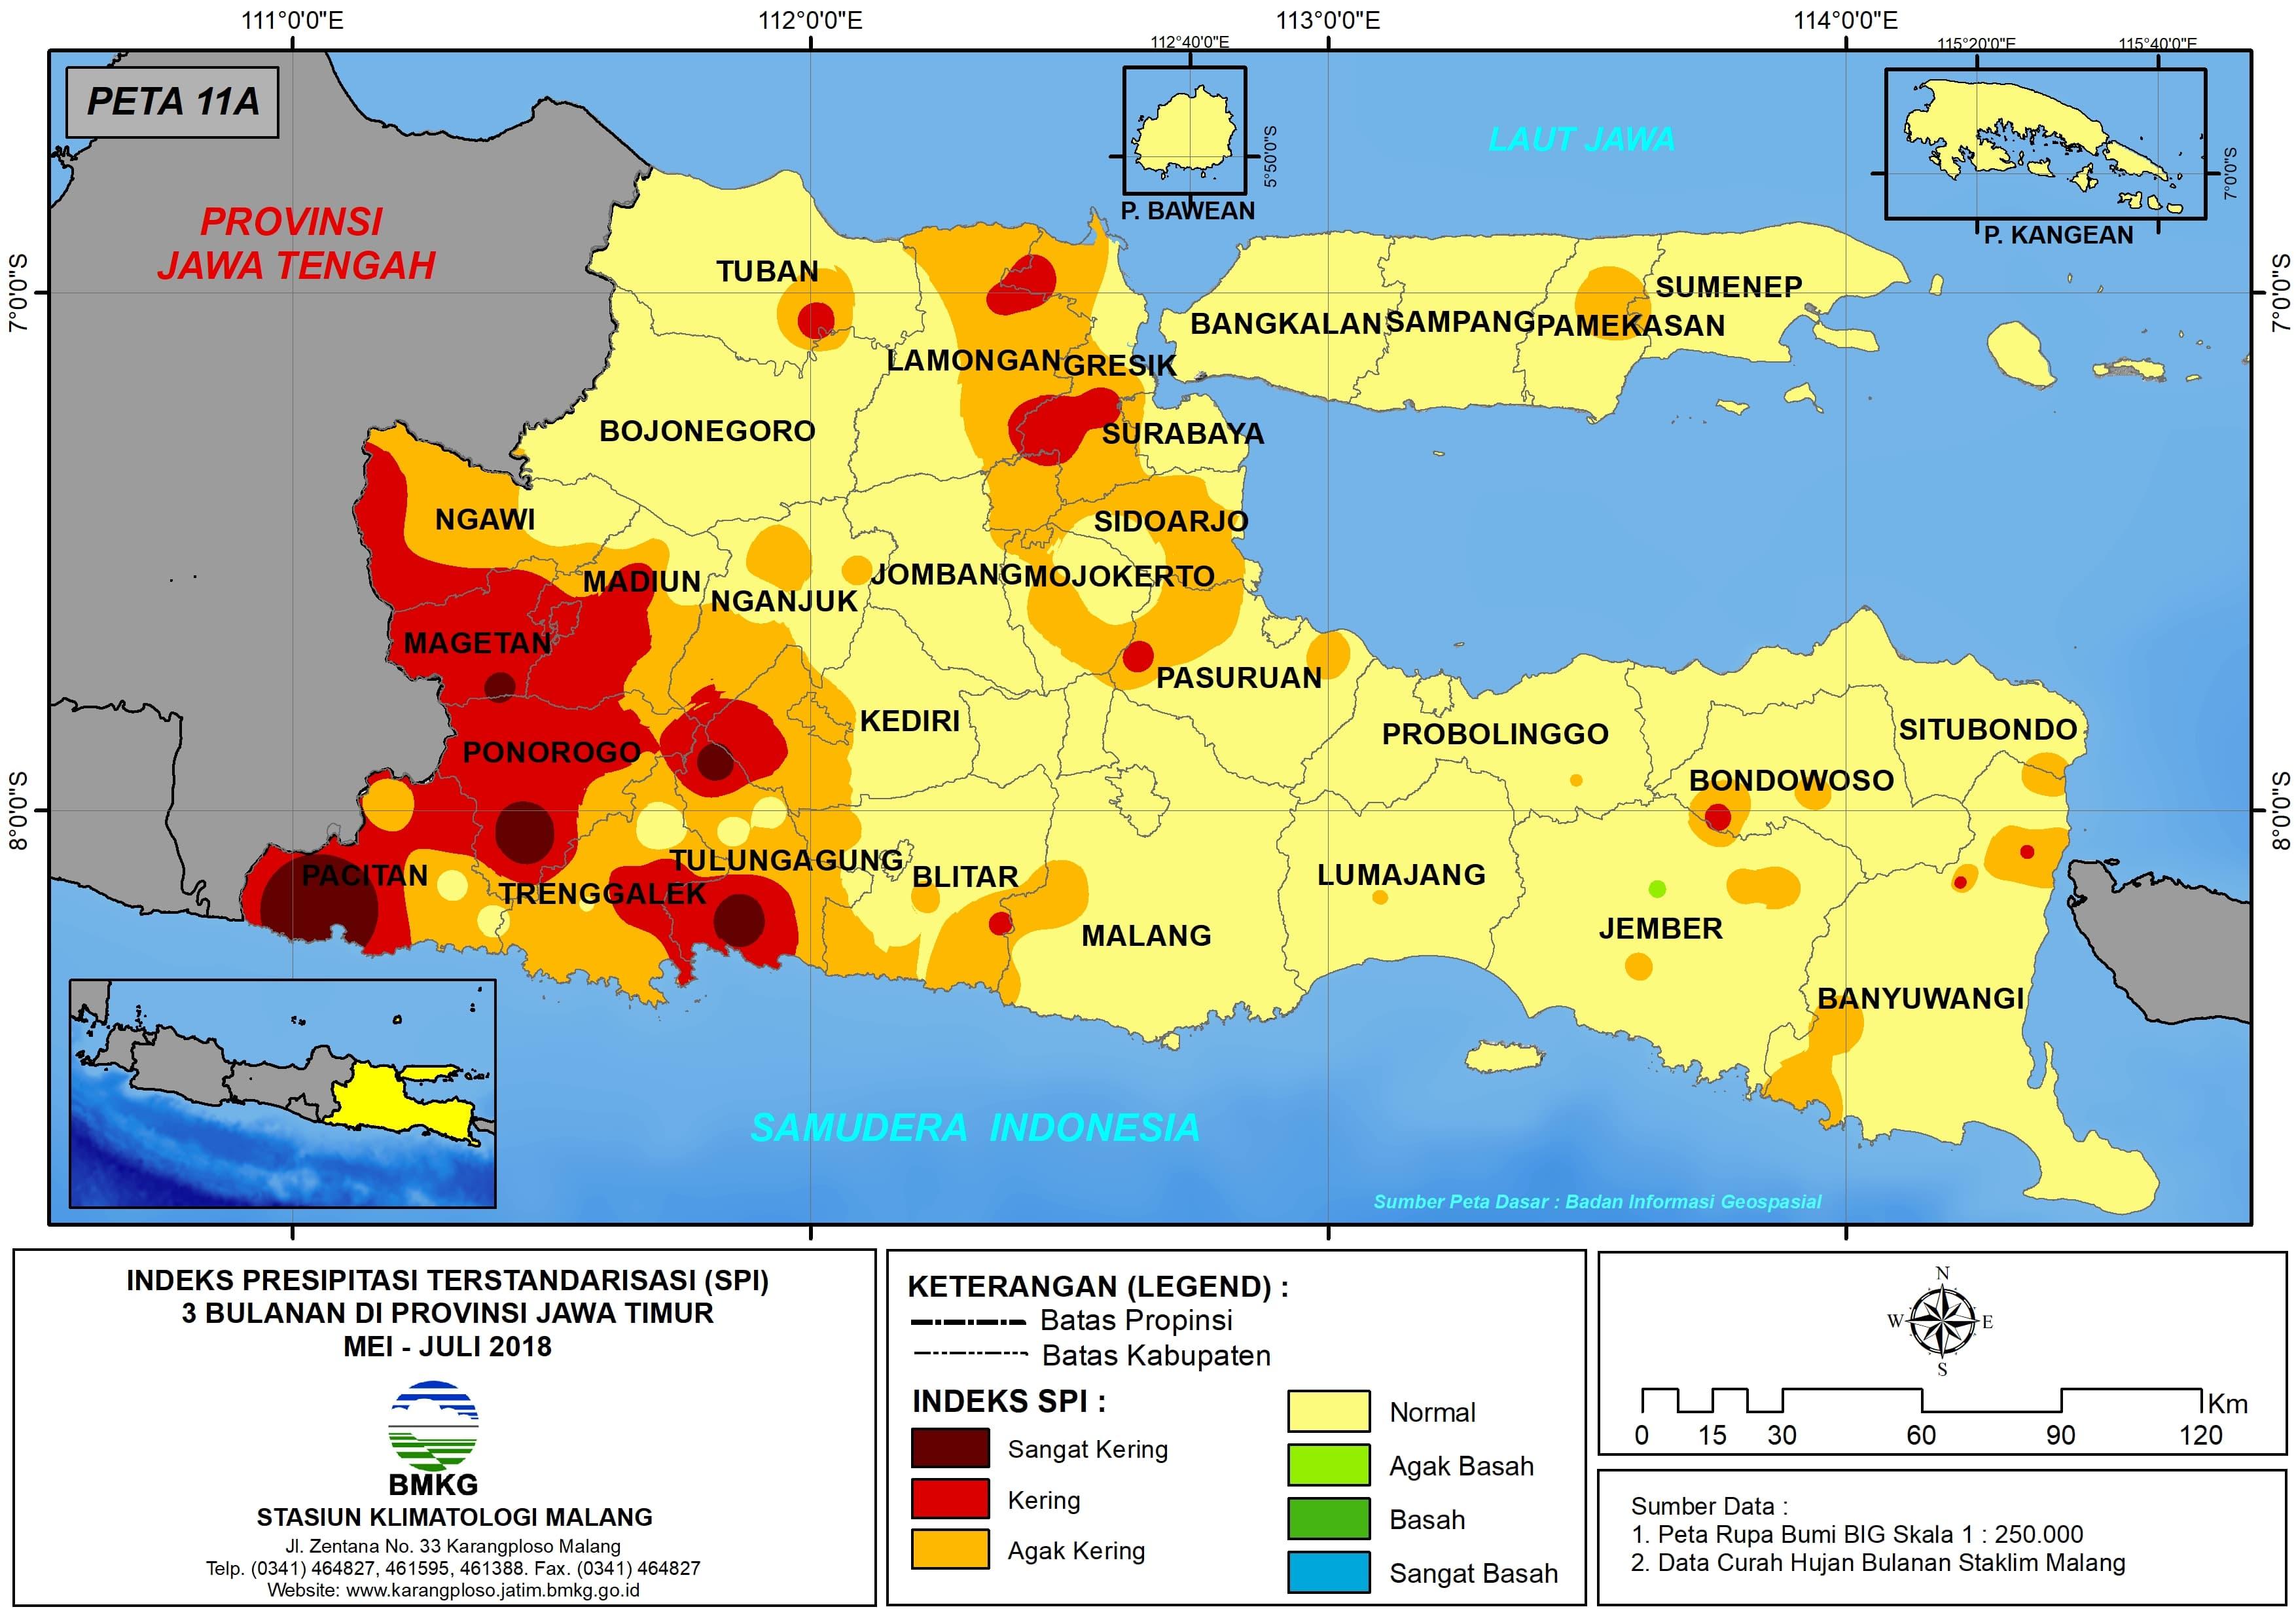 Analisis Indeks Presipitasi Terstandarisasi SPI 3 Bulanan Untuk Bulan Mei Juni Juli Tahun 2018 di Provinsi Jawa Timur